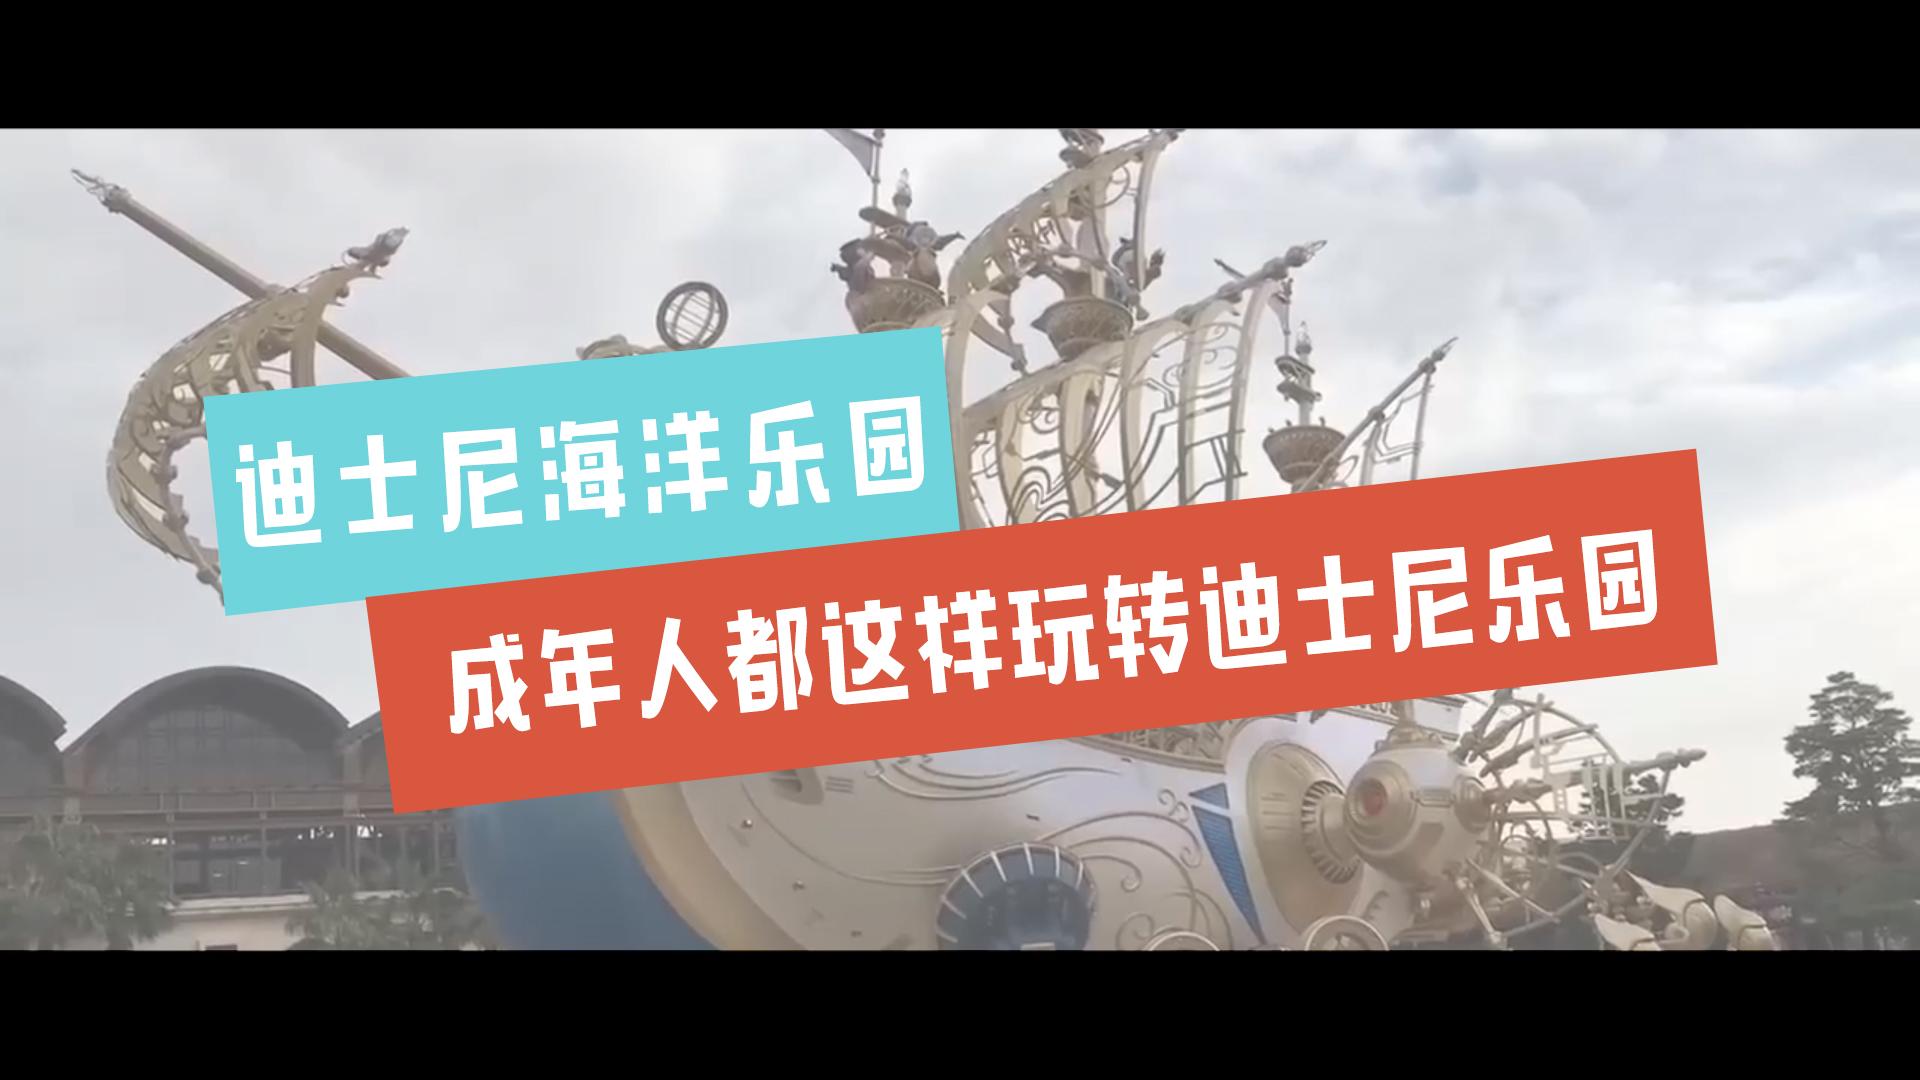 【日本景點圖片】東京迪士尼海洋樂園